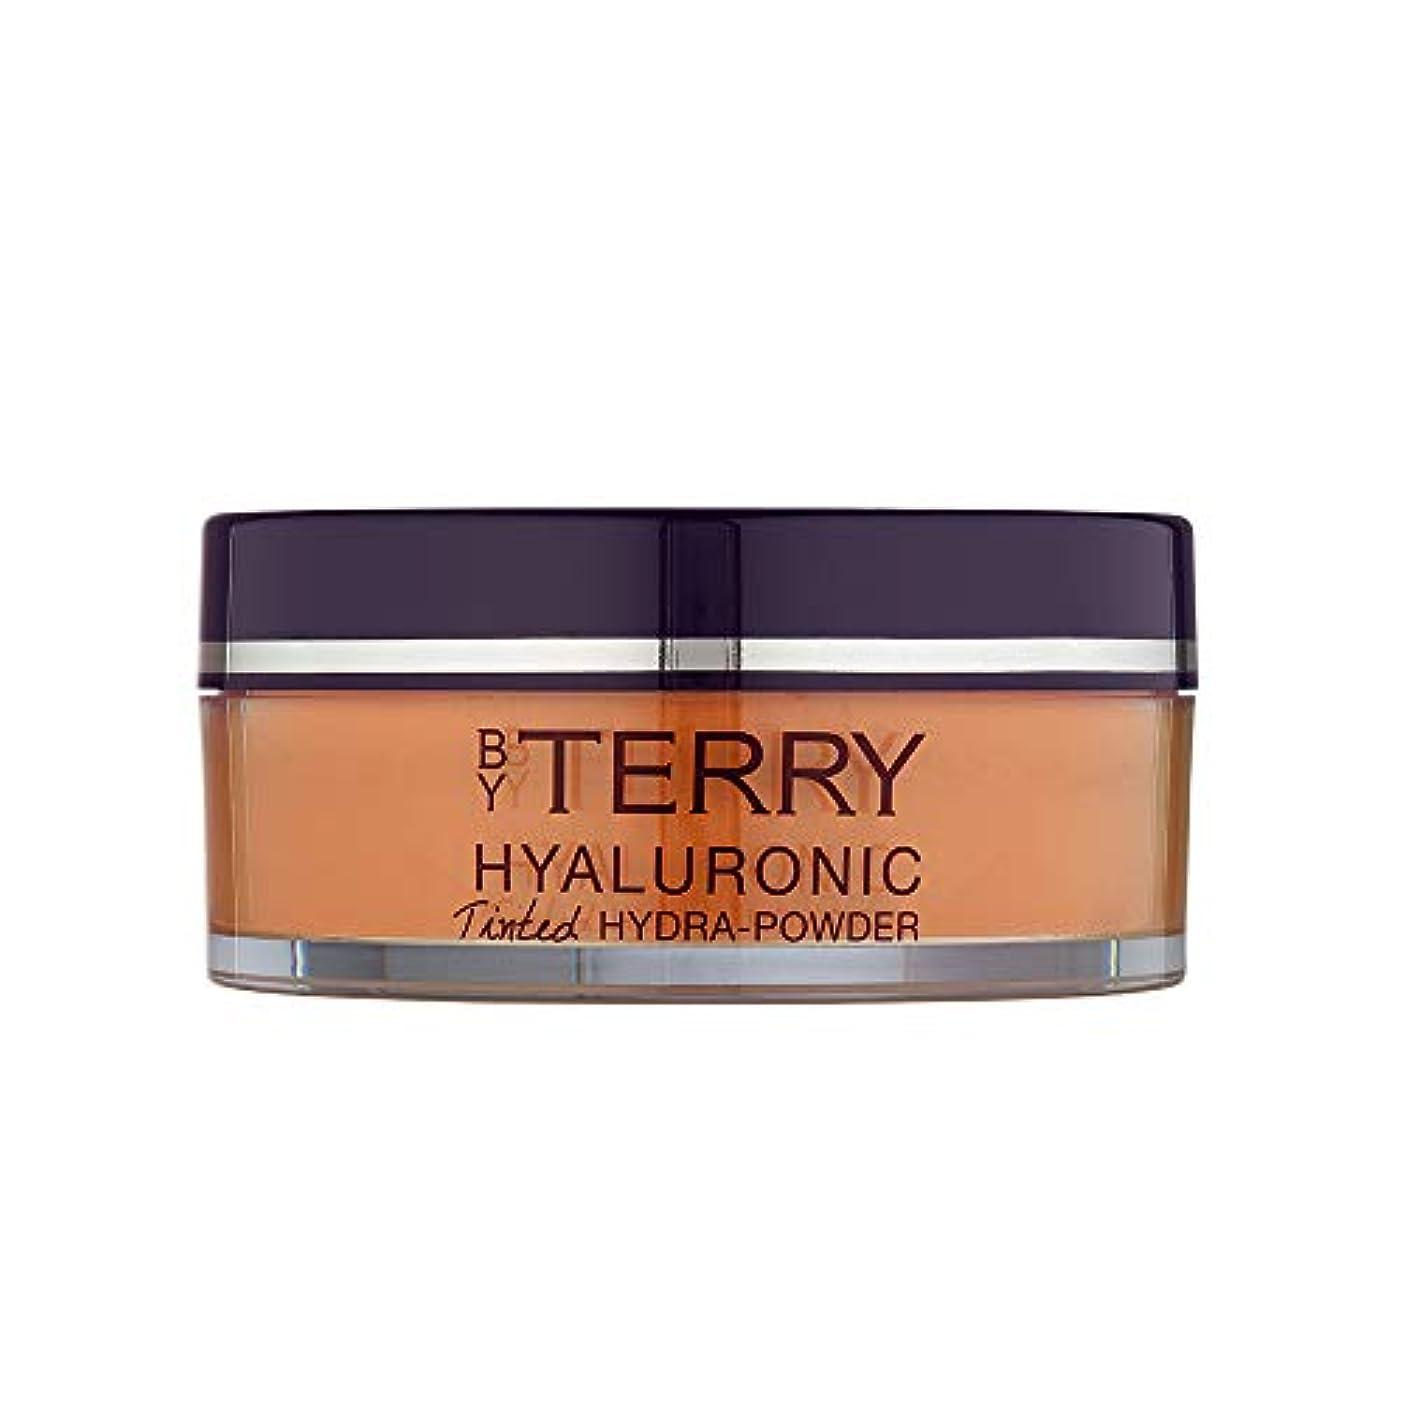 レンチ小人気候の山バイテリー Hyaluronic Tinted Hydra Care Setting Powder - # 500 Medium Dark 10g/0.35oz並行輸入品